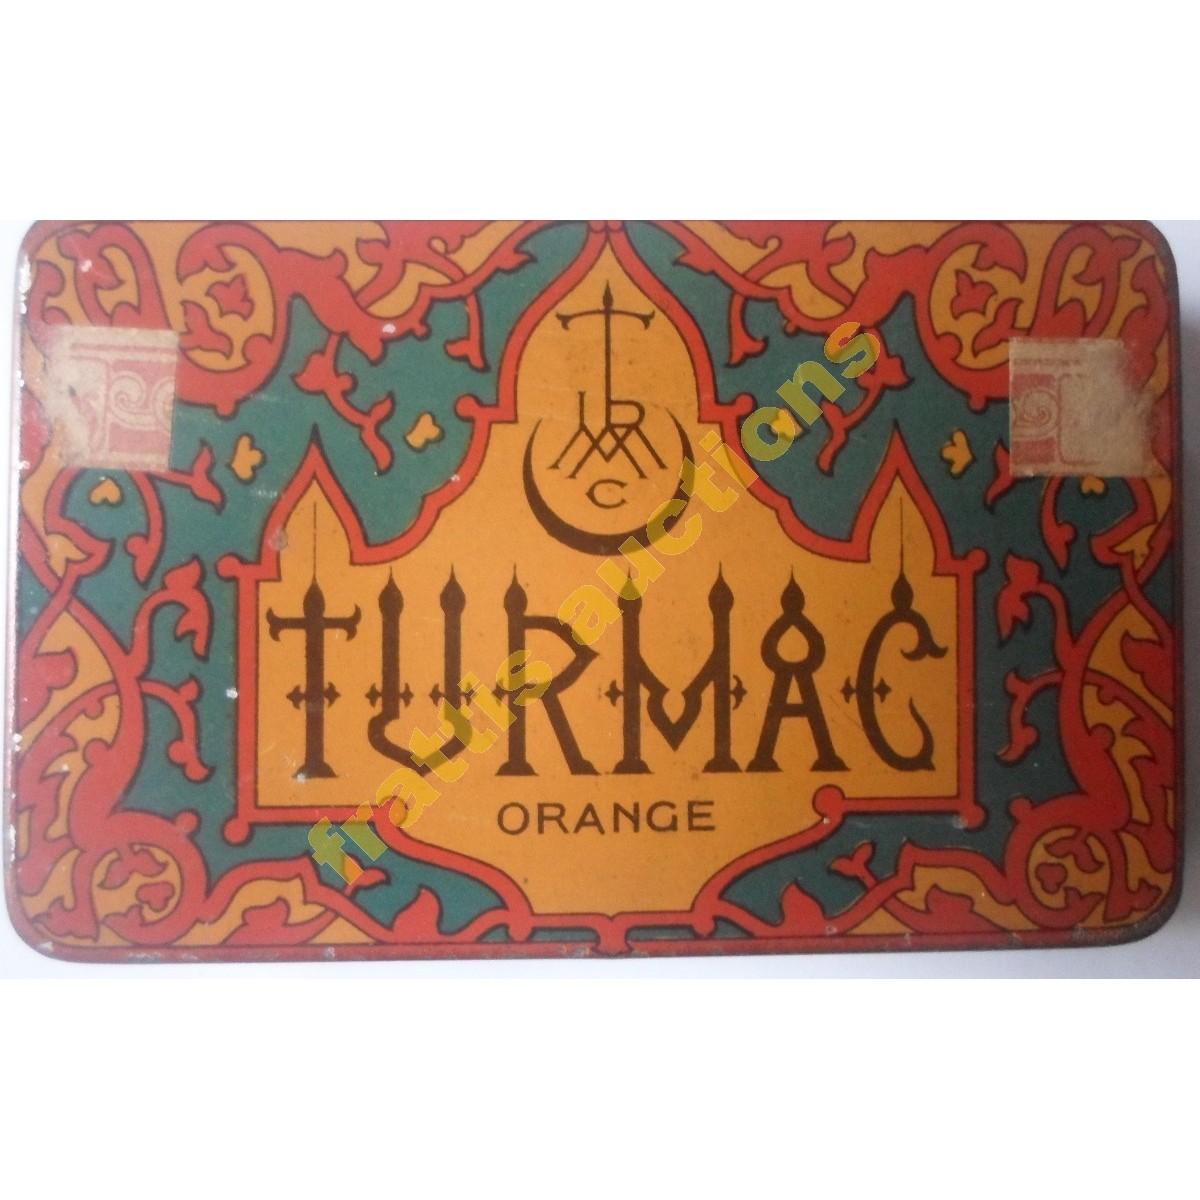 TURMAC ORANGE, παλιό μεταλλικό κουτί των 25 τσιγάρων.